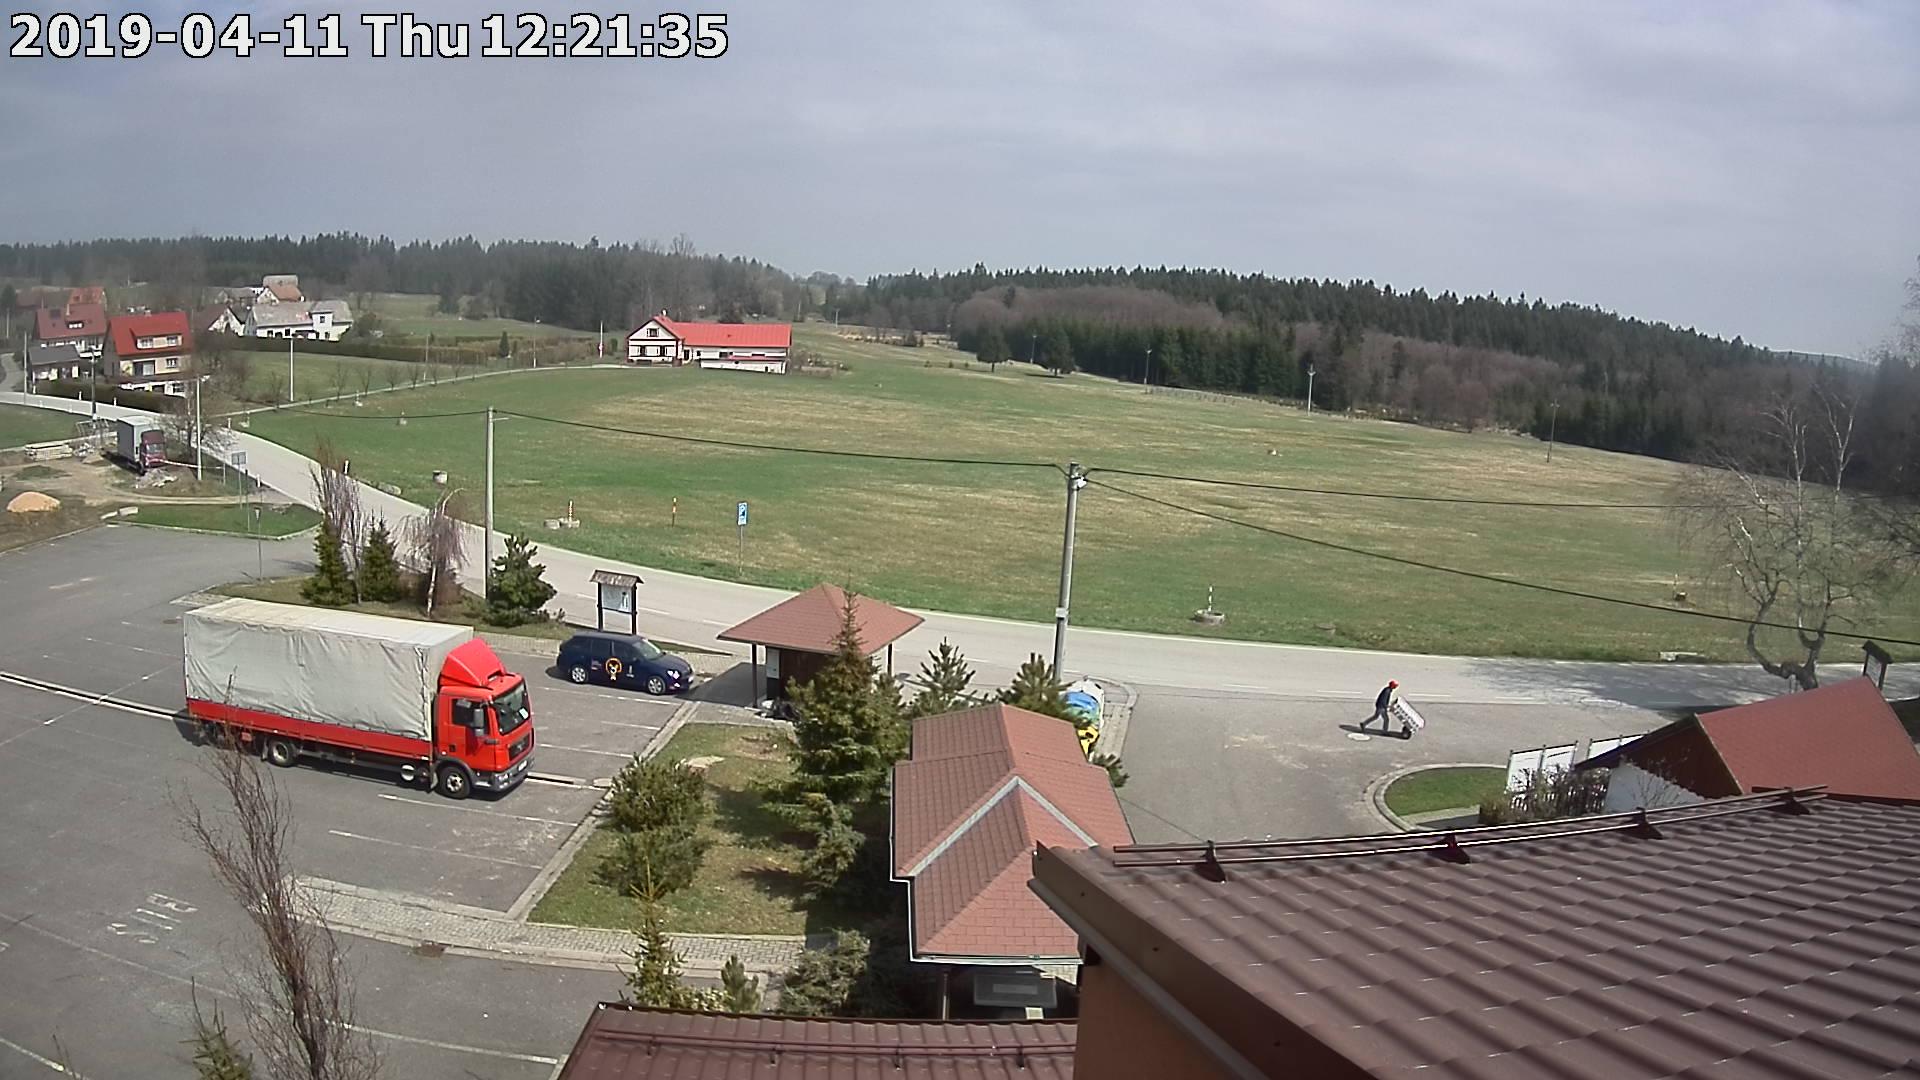 Webkamera ze dne 2019-04-11